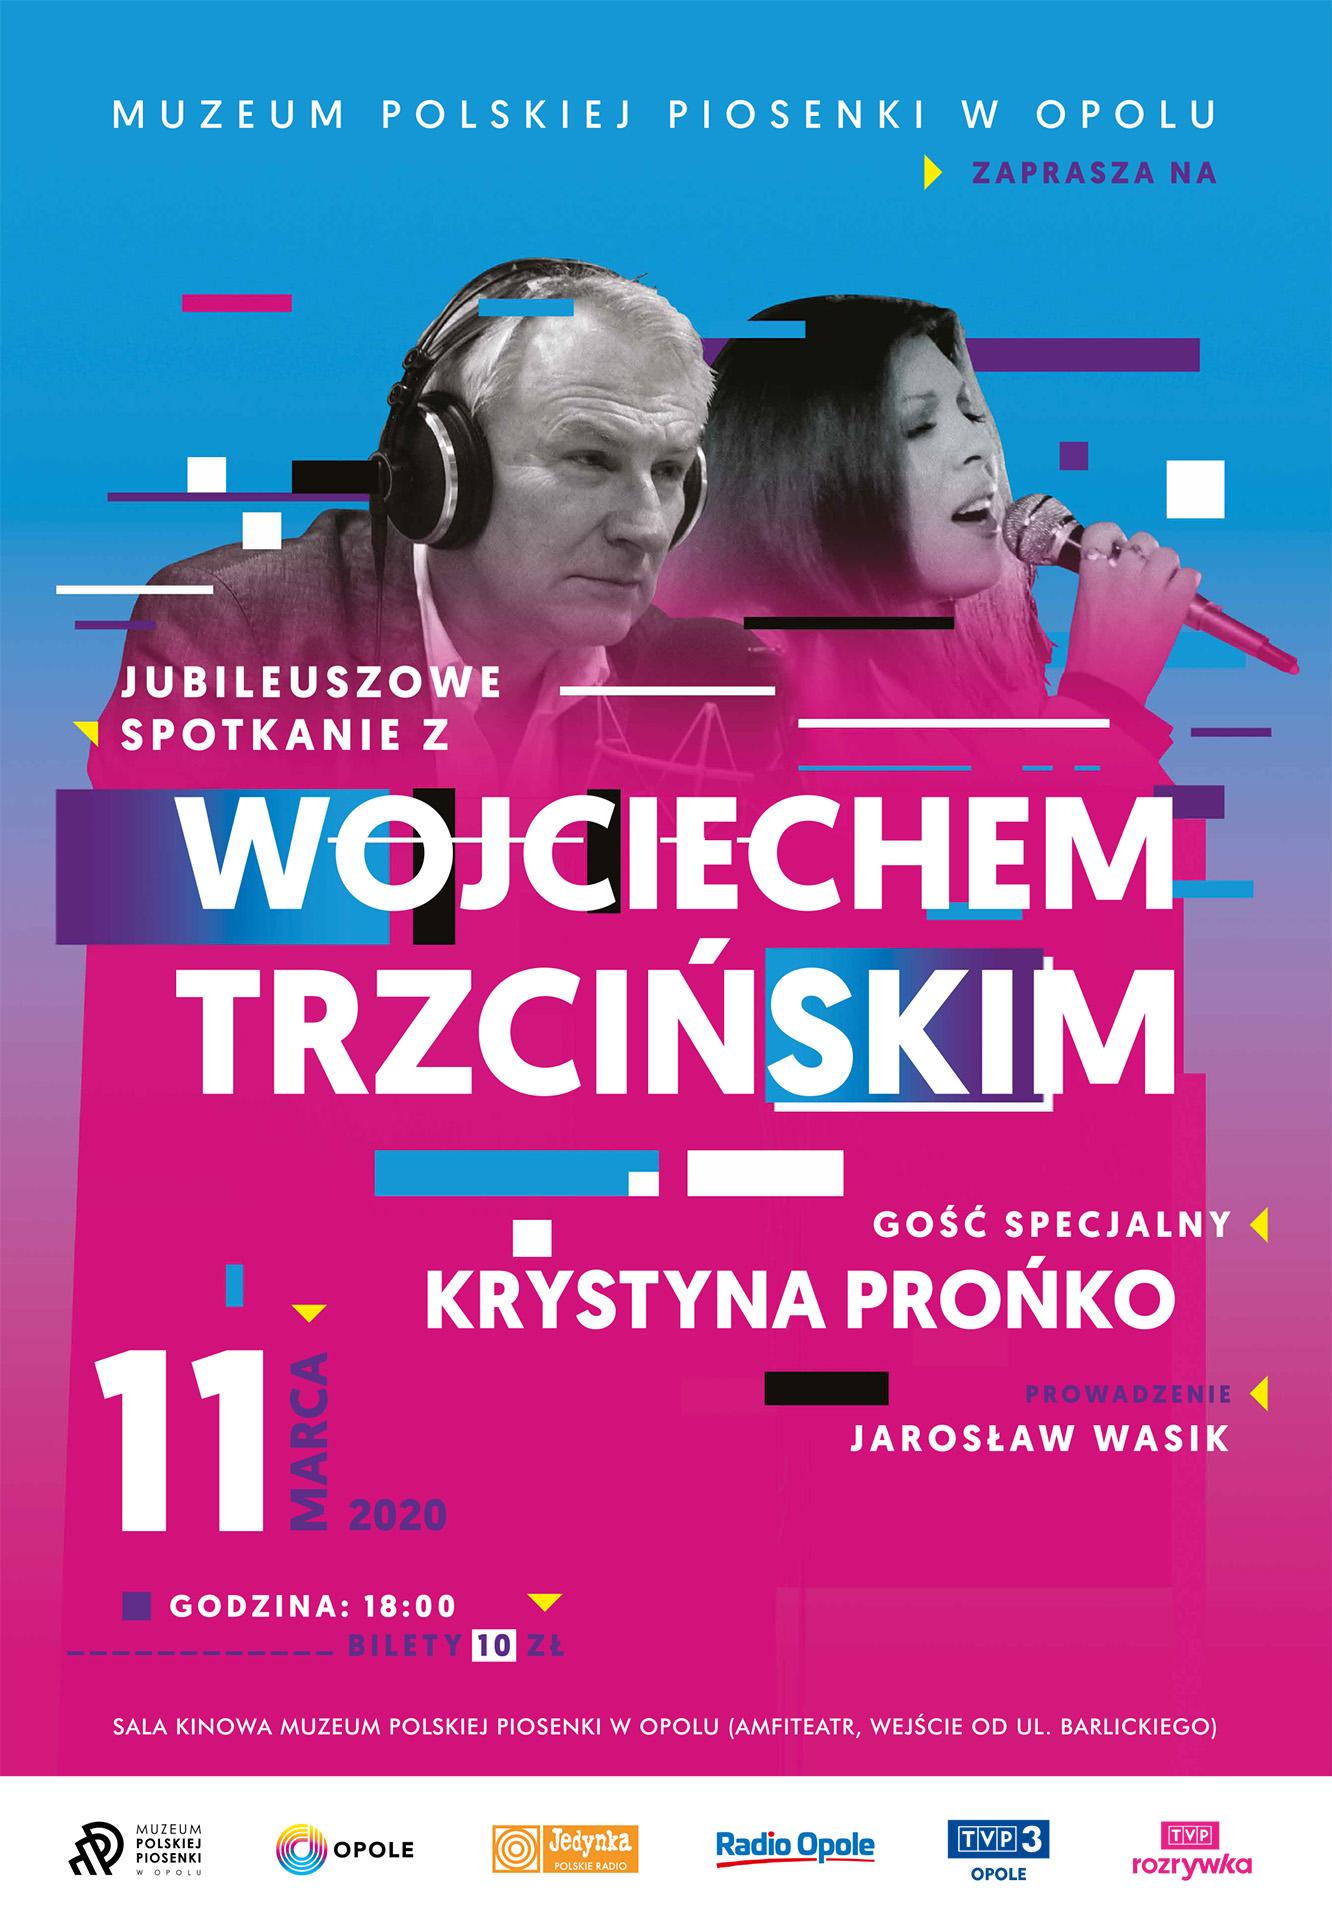 Jubileuszowe spotkanie z Wojciechem Trzcińskim i mini recital Krystyny Prońko 11 marca w Muzeum Polskiej Piosenki